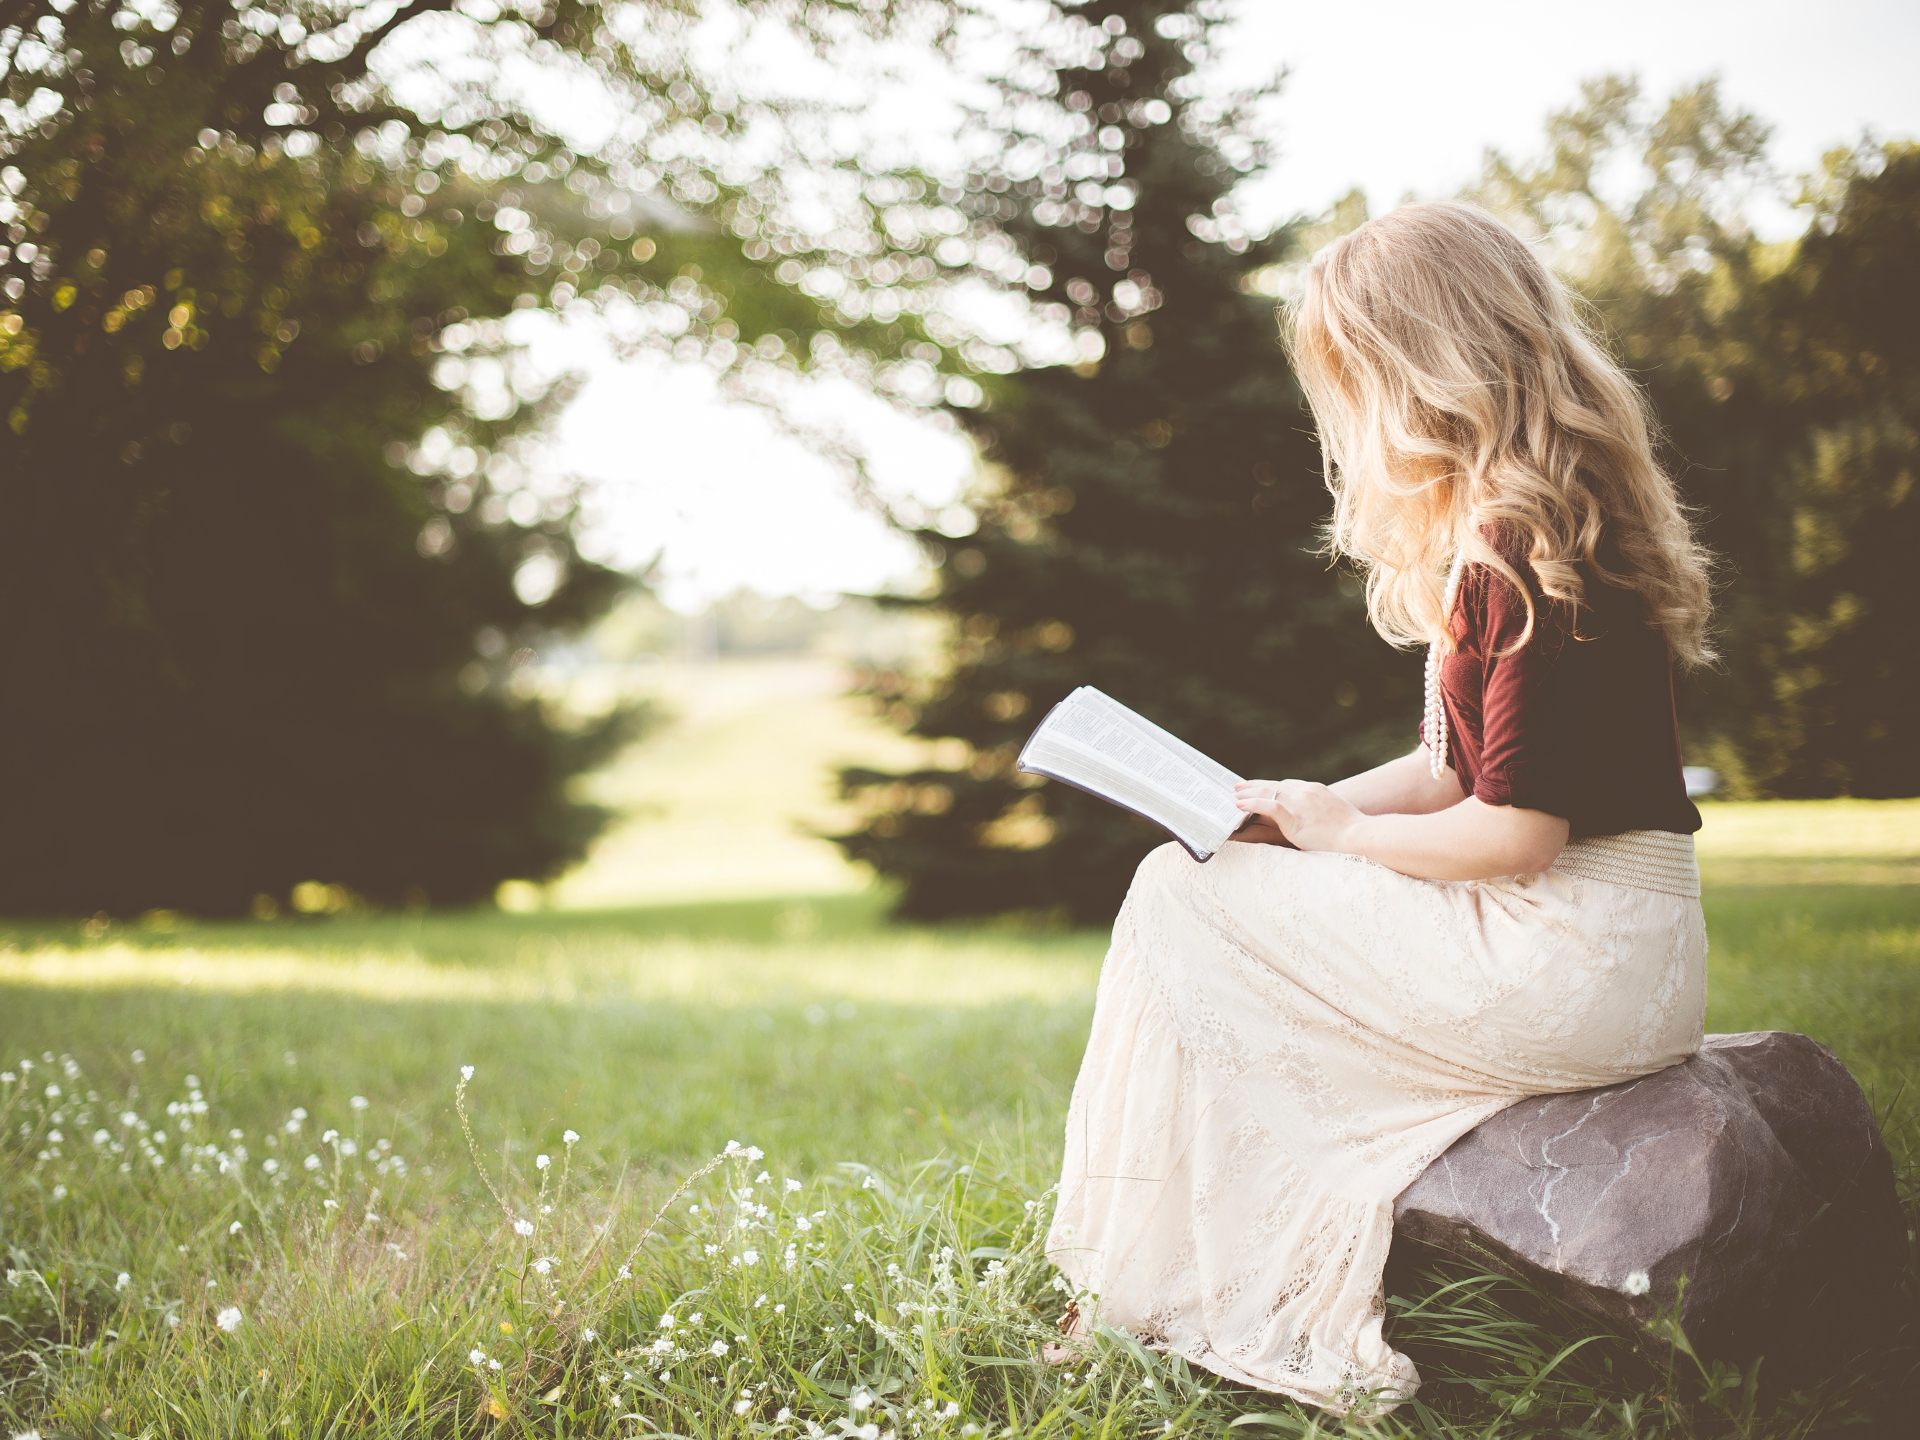 Egal ob wir zum Lesen uns in den Garten setzen, oder draußen essen oder sonst etwas tun. Mit einem Tiny House verbringen wir mehr Zeit draußen. - Photocredit: pixabay.com/StockSnap